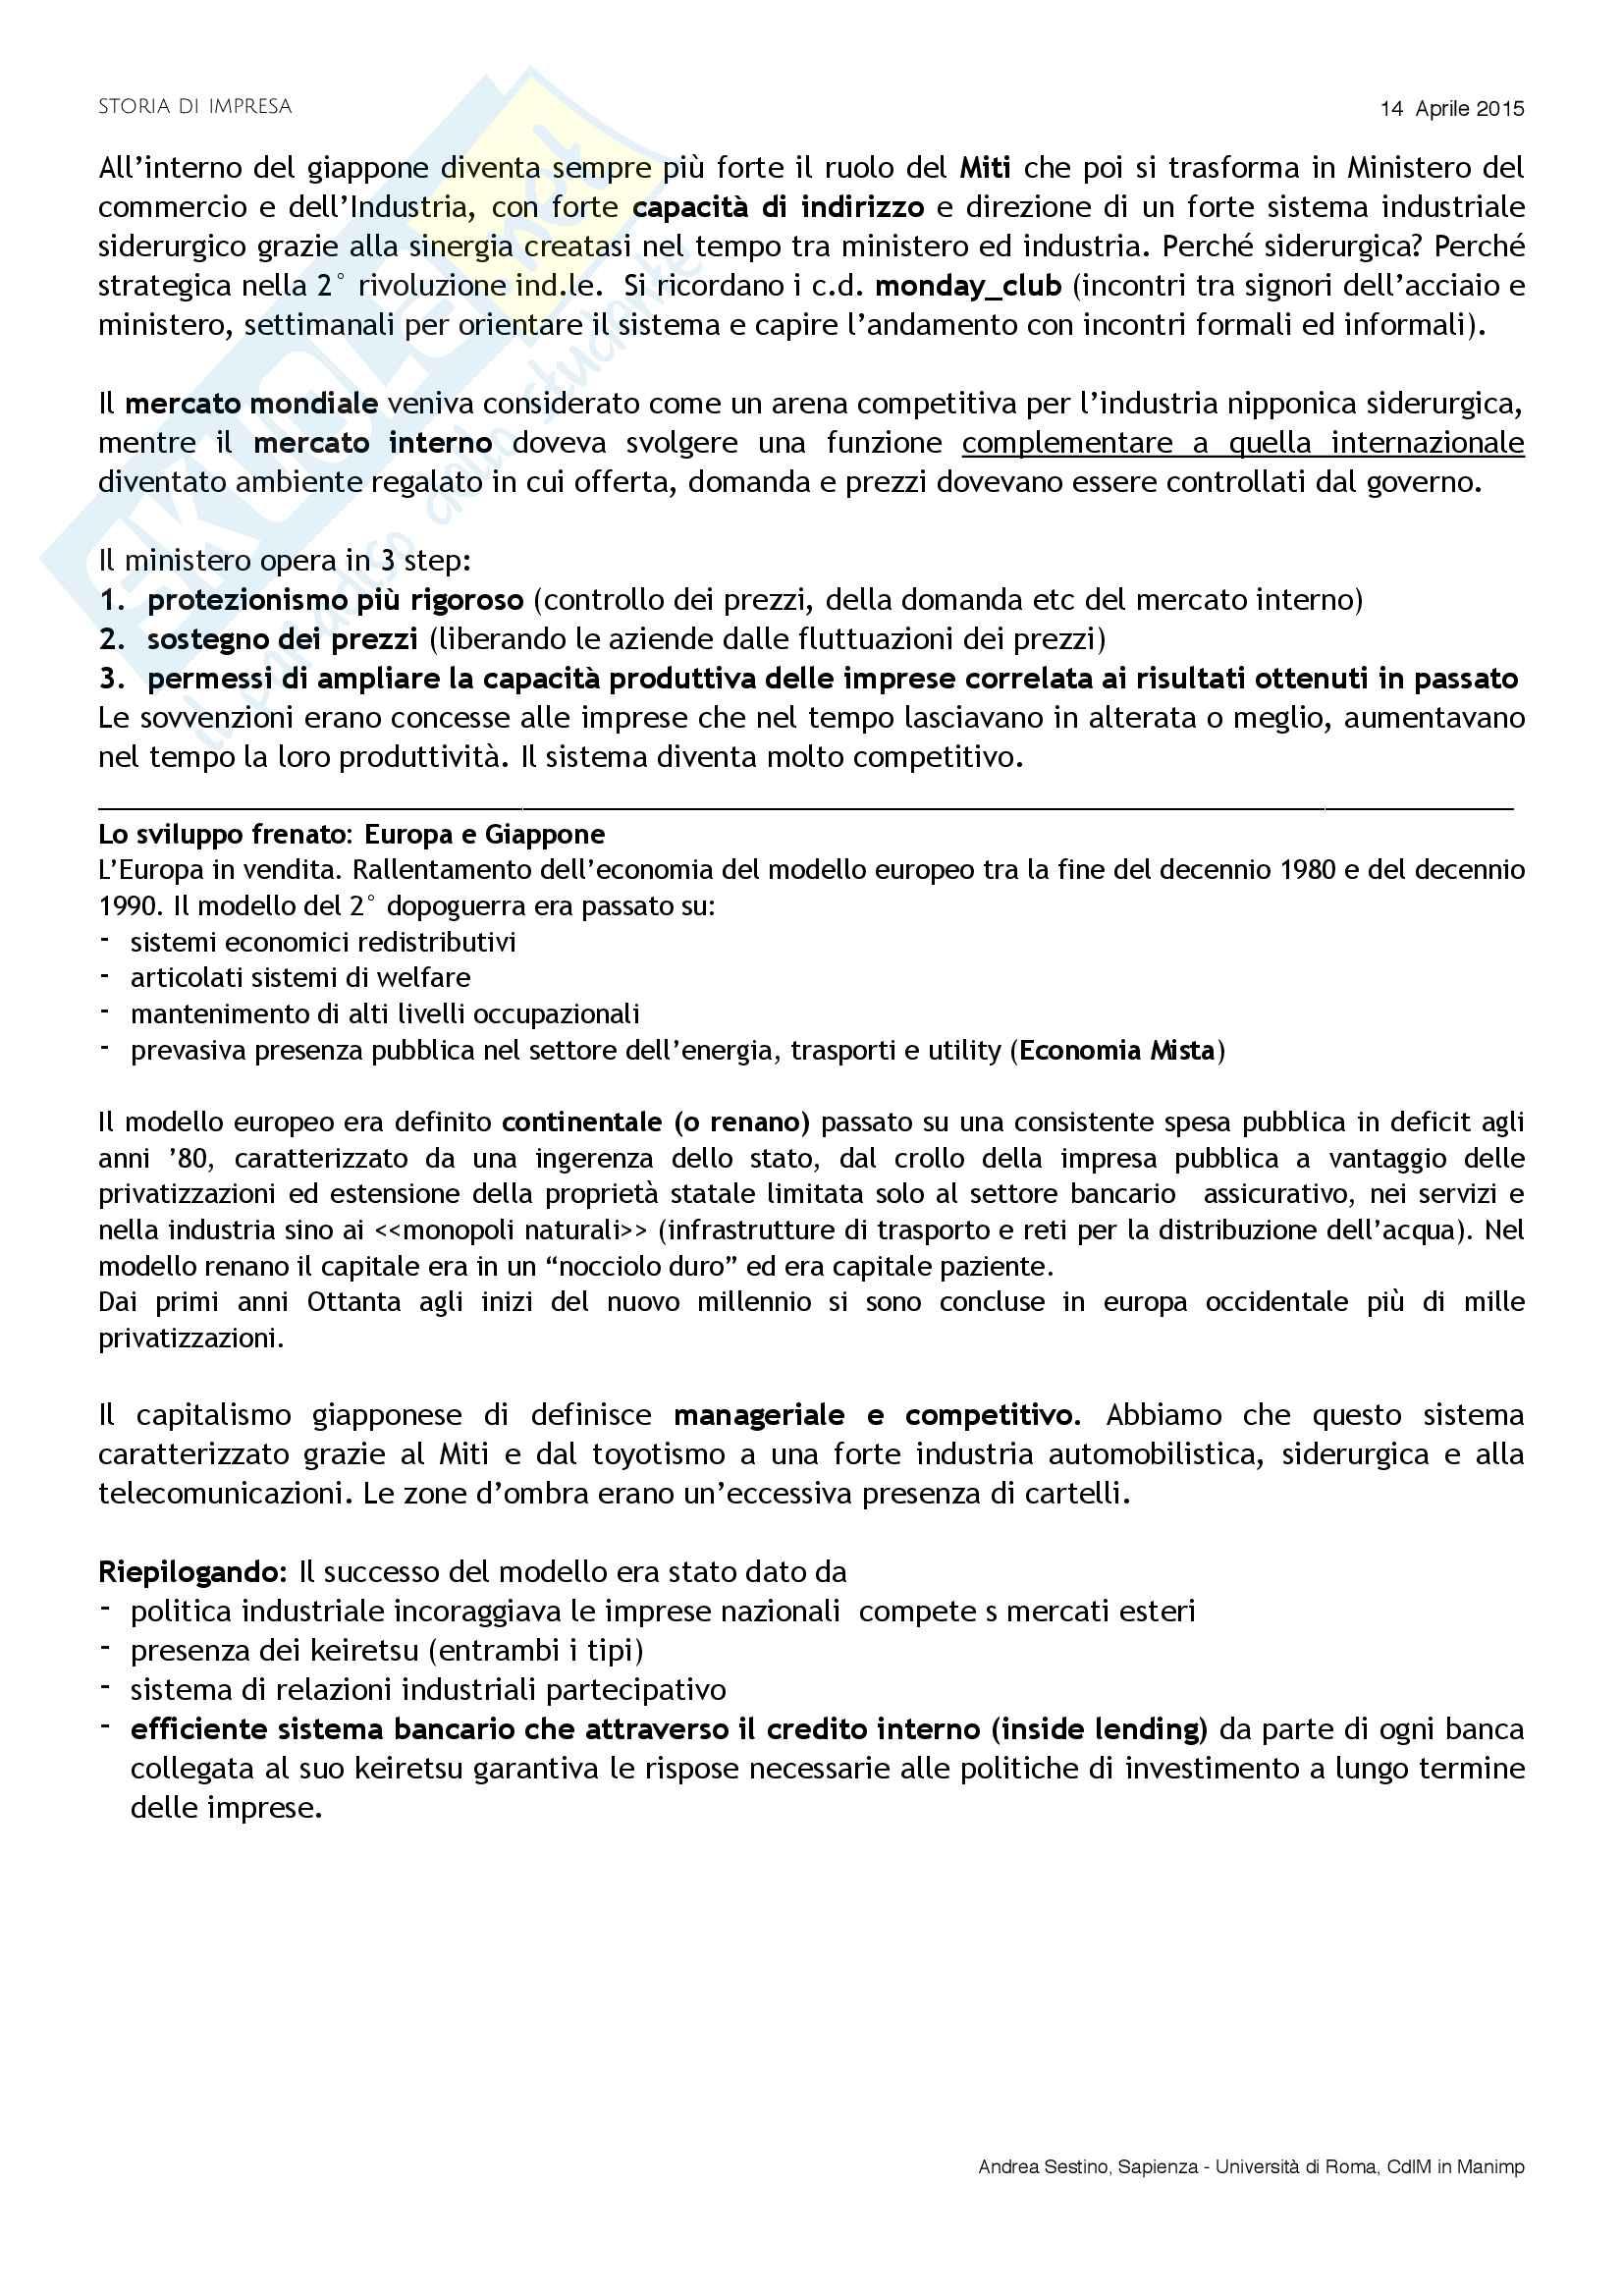 Riassunto esame Storia di impresa, docente D. Strangio, libro consigliato Storia d'impresa: Complessità e comparazioni, Colli-Amadori Pag. 26